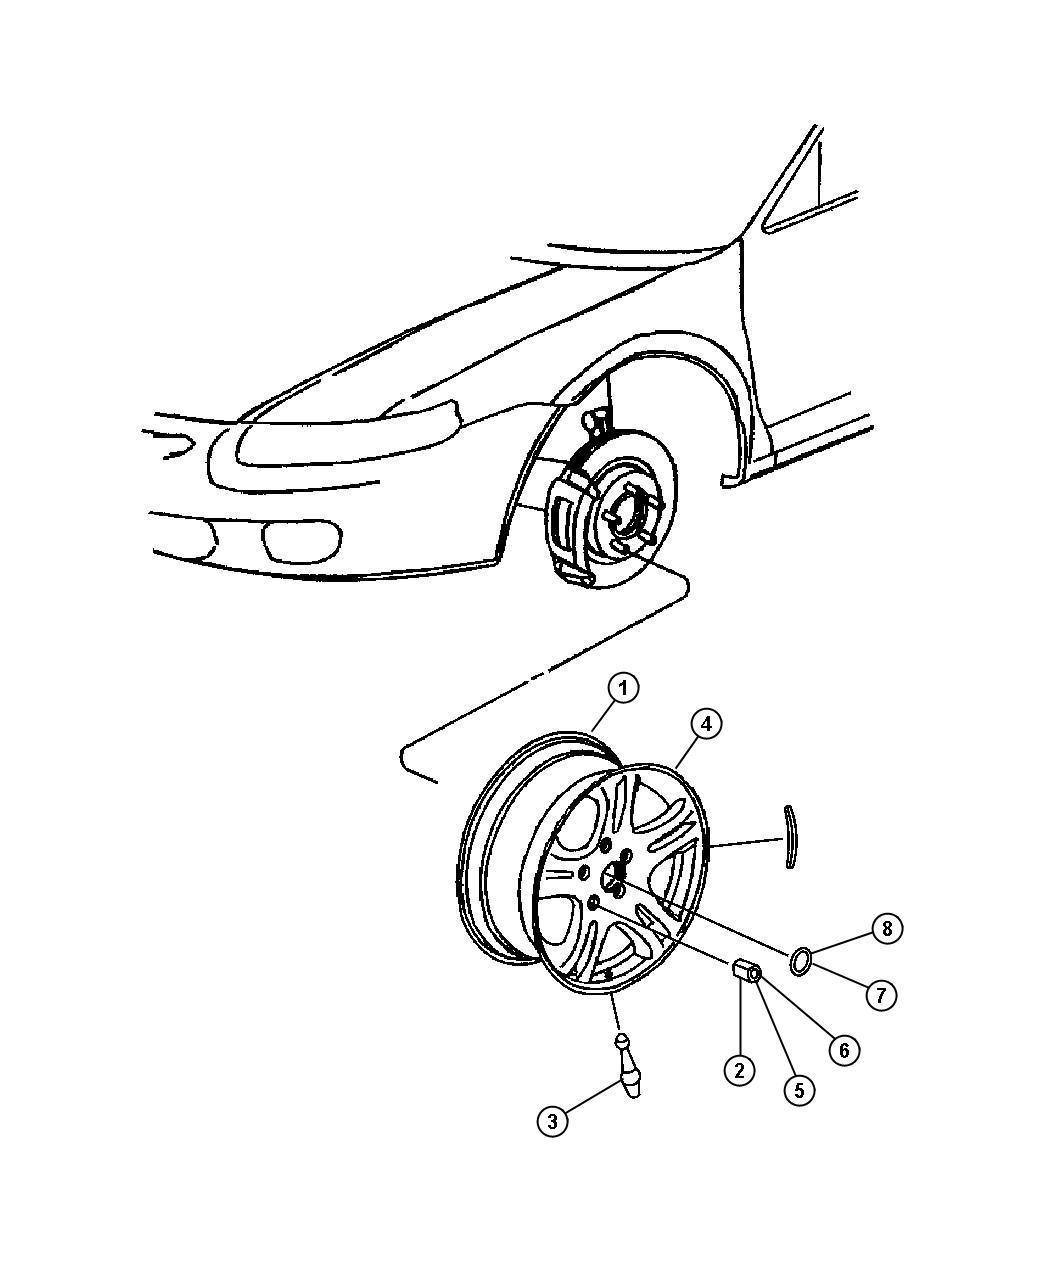 Dodge Stratus Wheel Aluminum Wheels